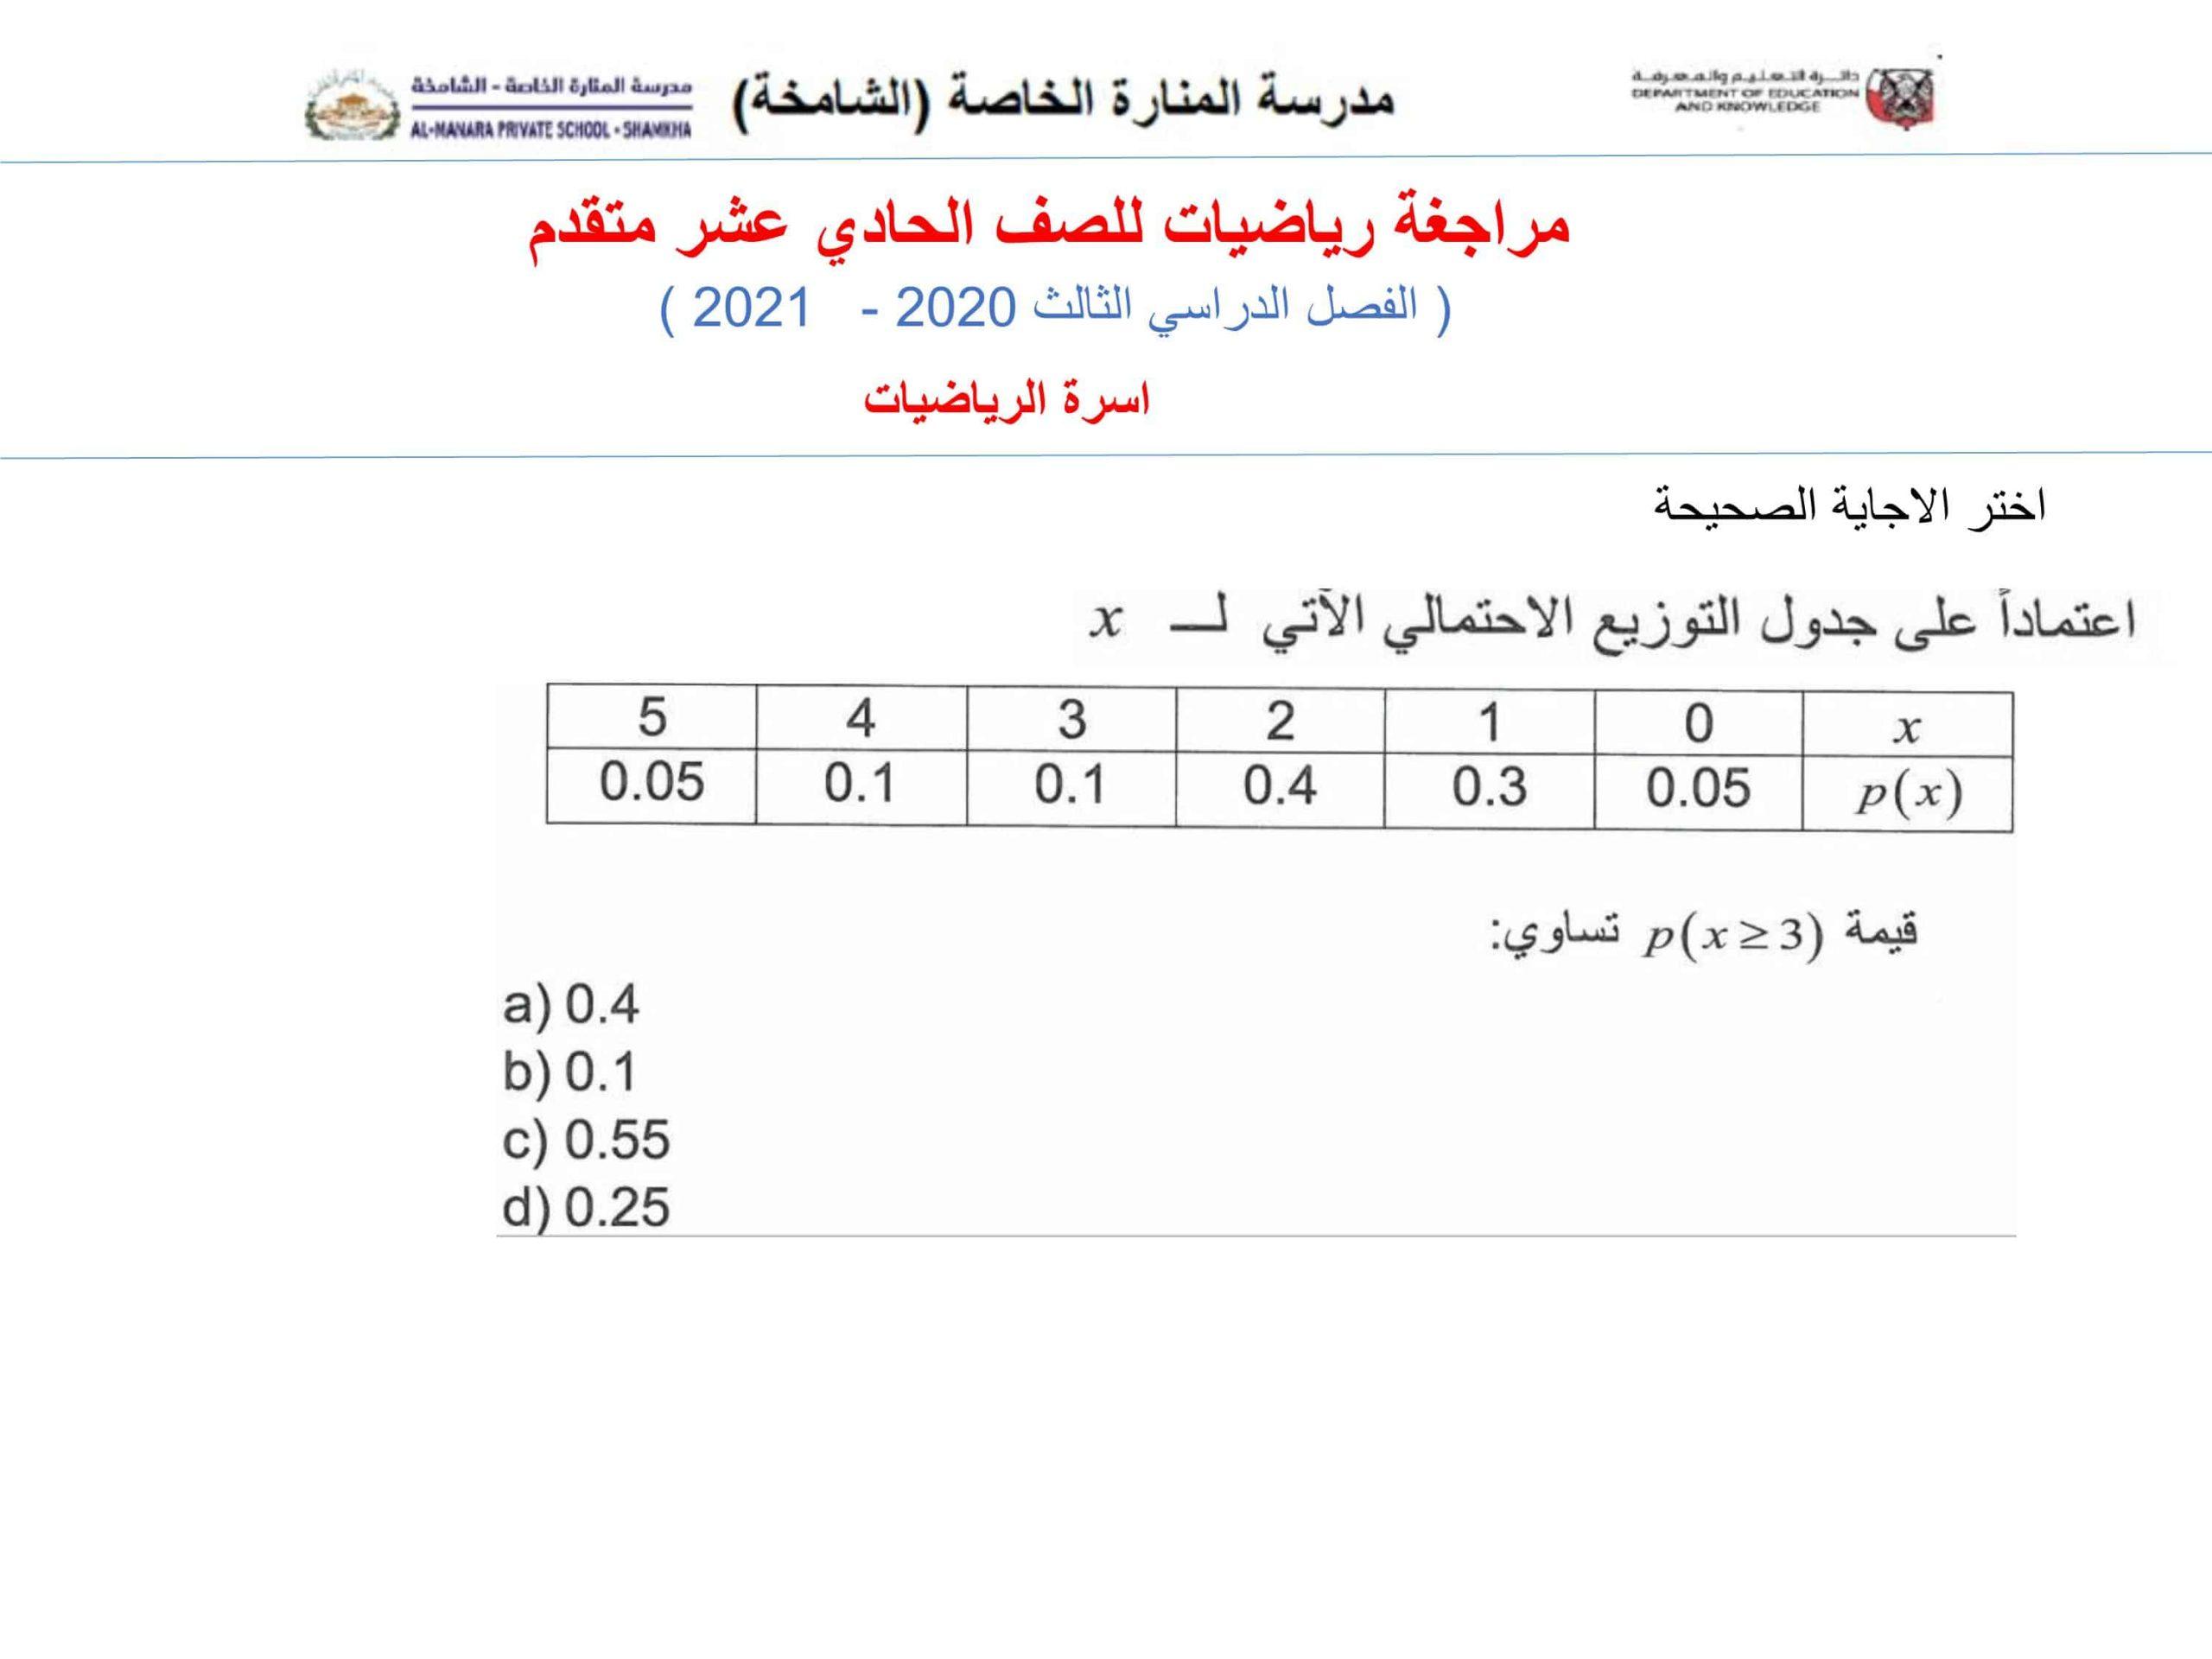 أوراق عمل مراجعة شاملة الصف الحادي عشر متقدم مادة الرياضيات المتكاملة